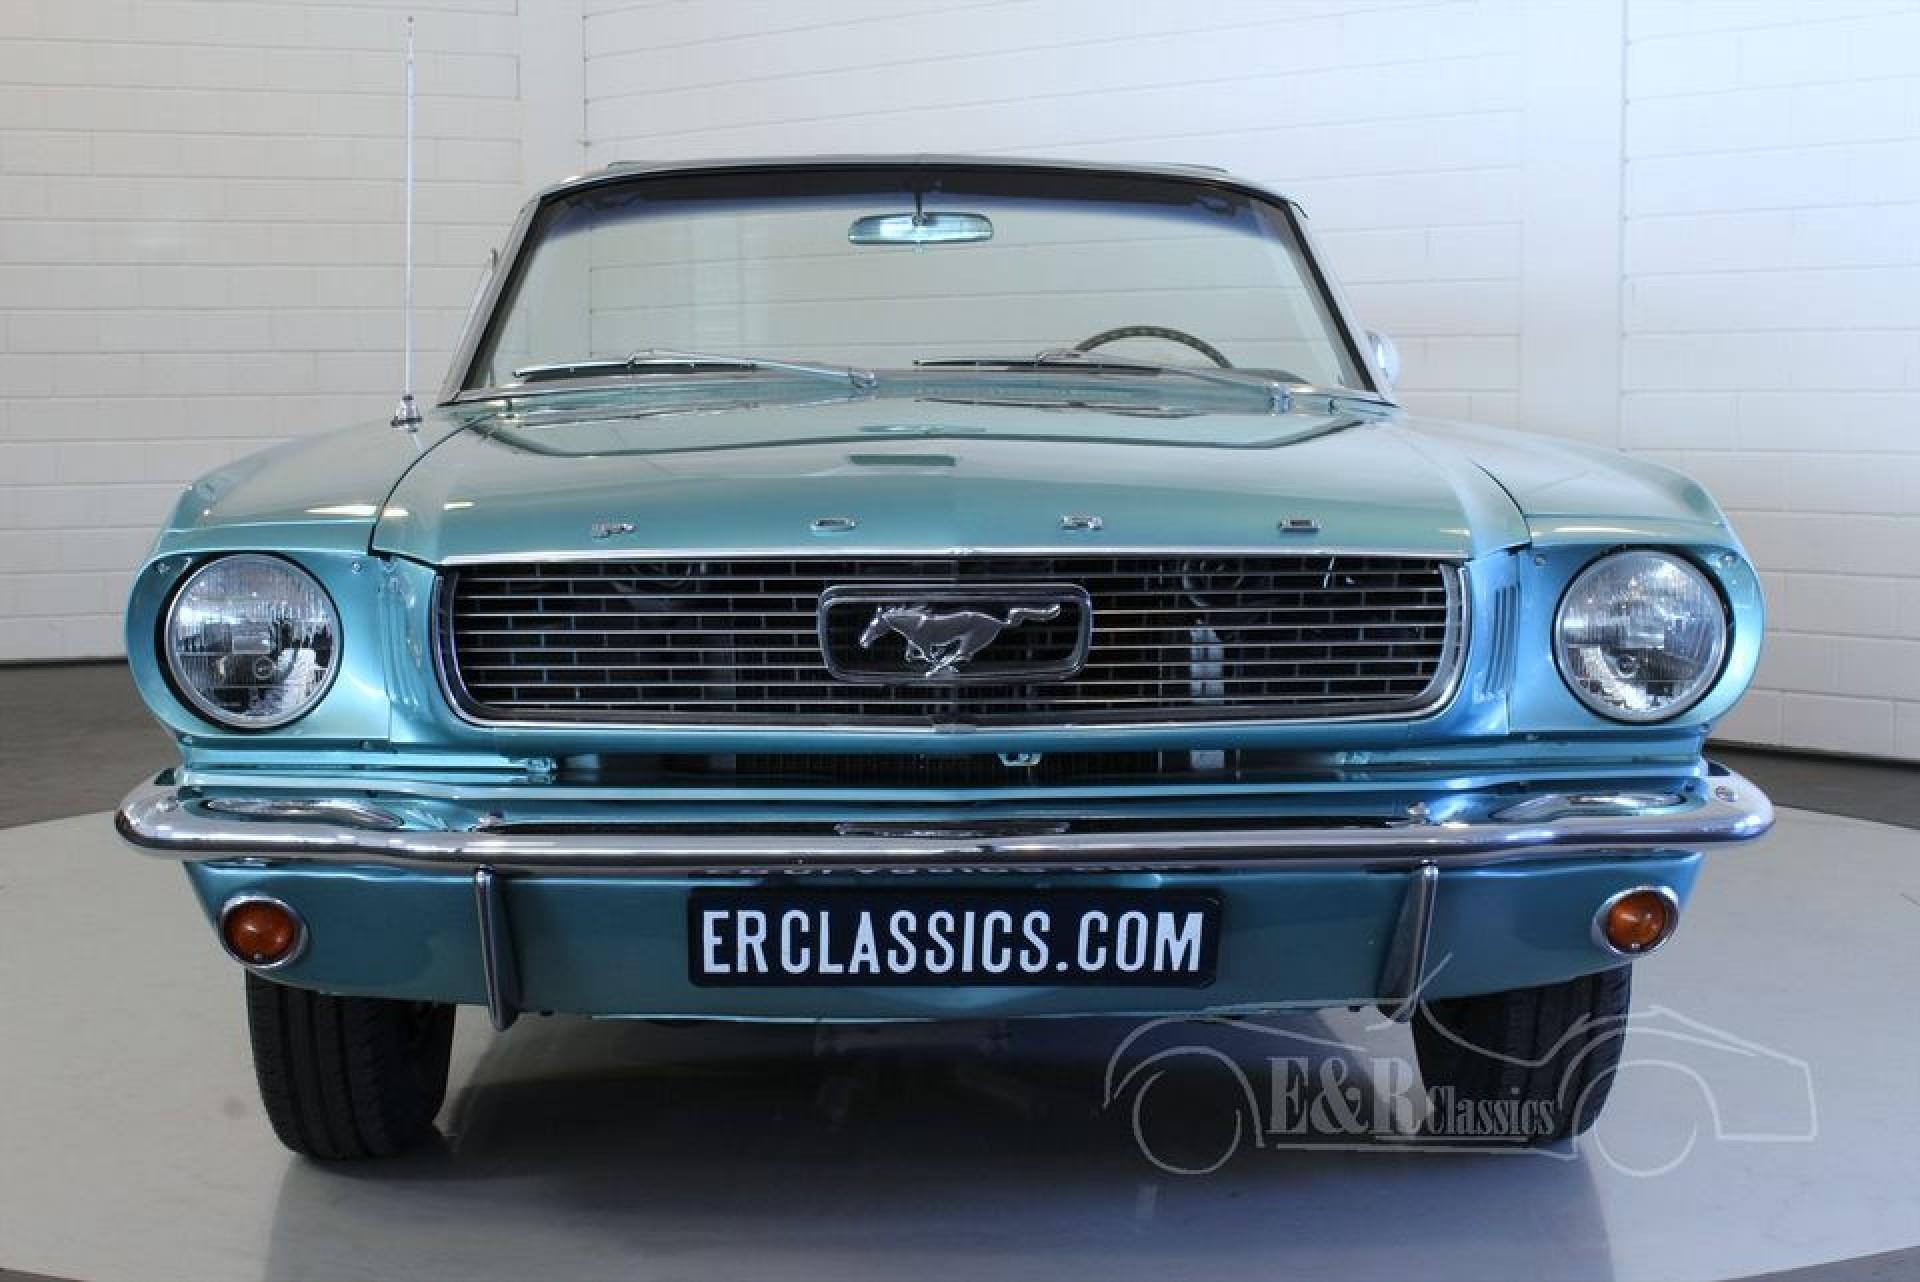 ford mustang v8 cabriolet 1966 vendre erclassics. Black Bedroom Furniture Sets. Home Design Ideas